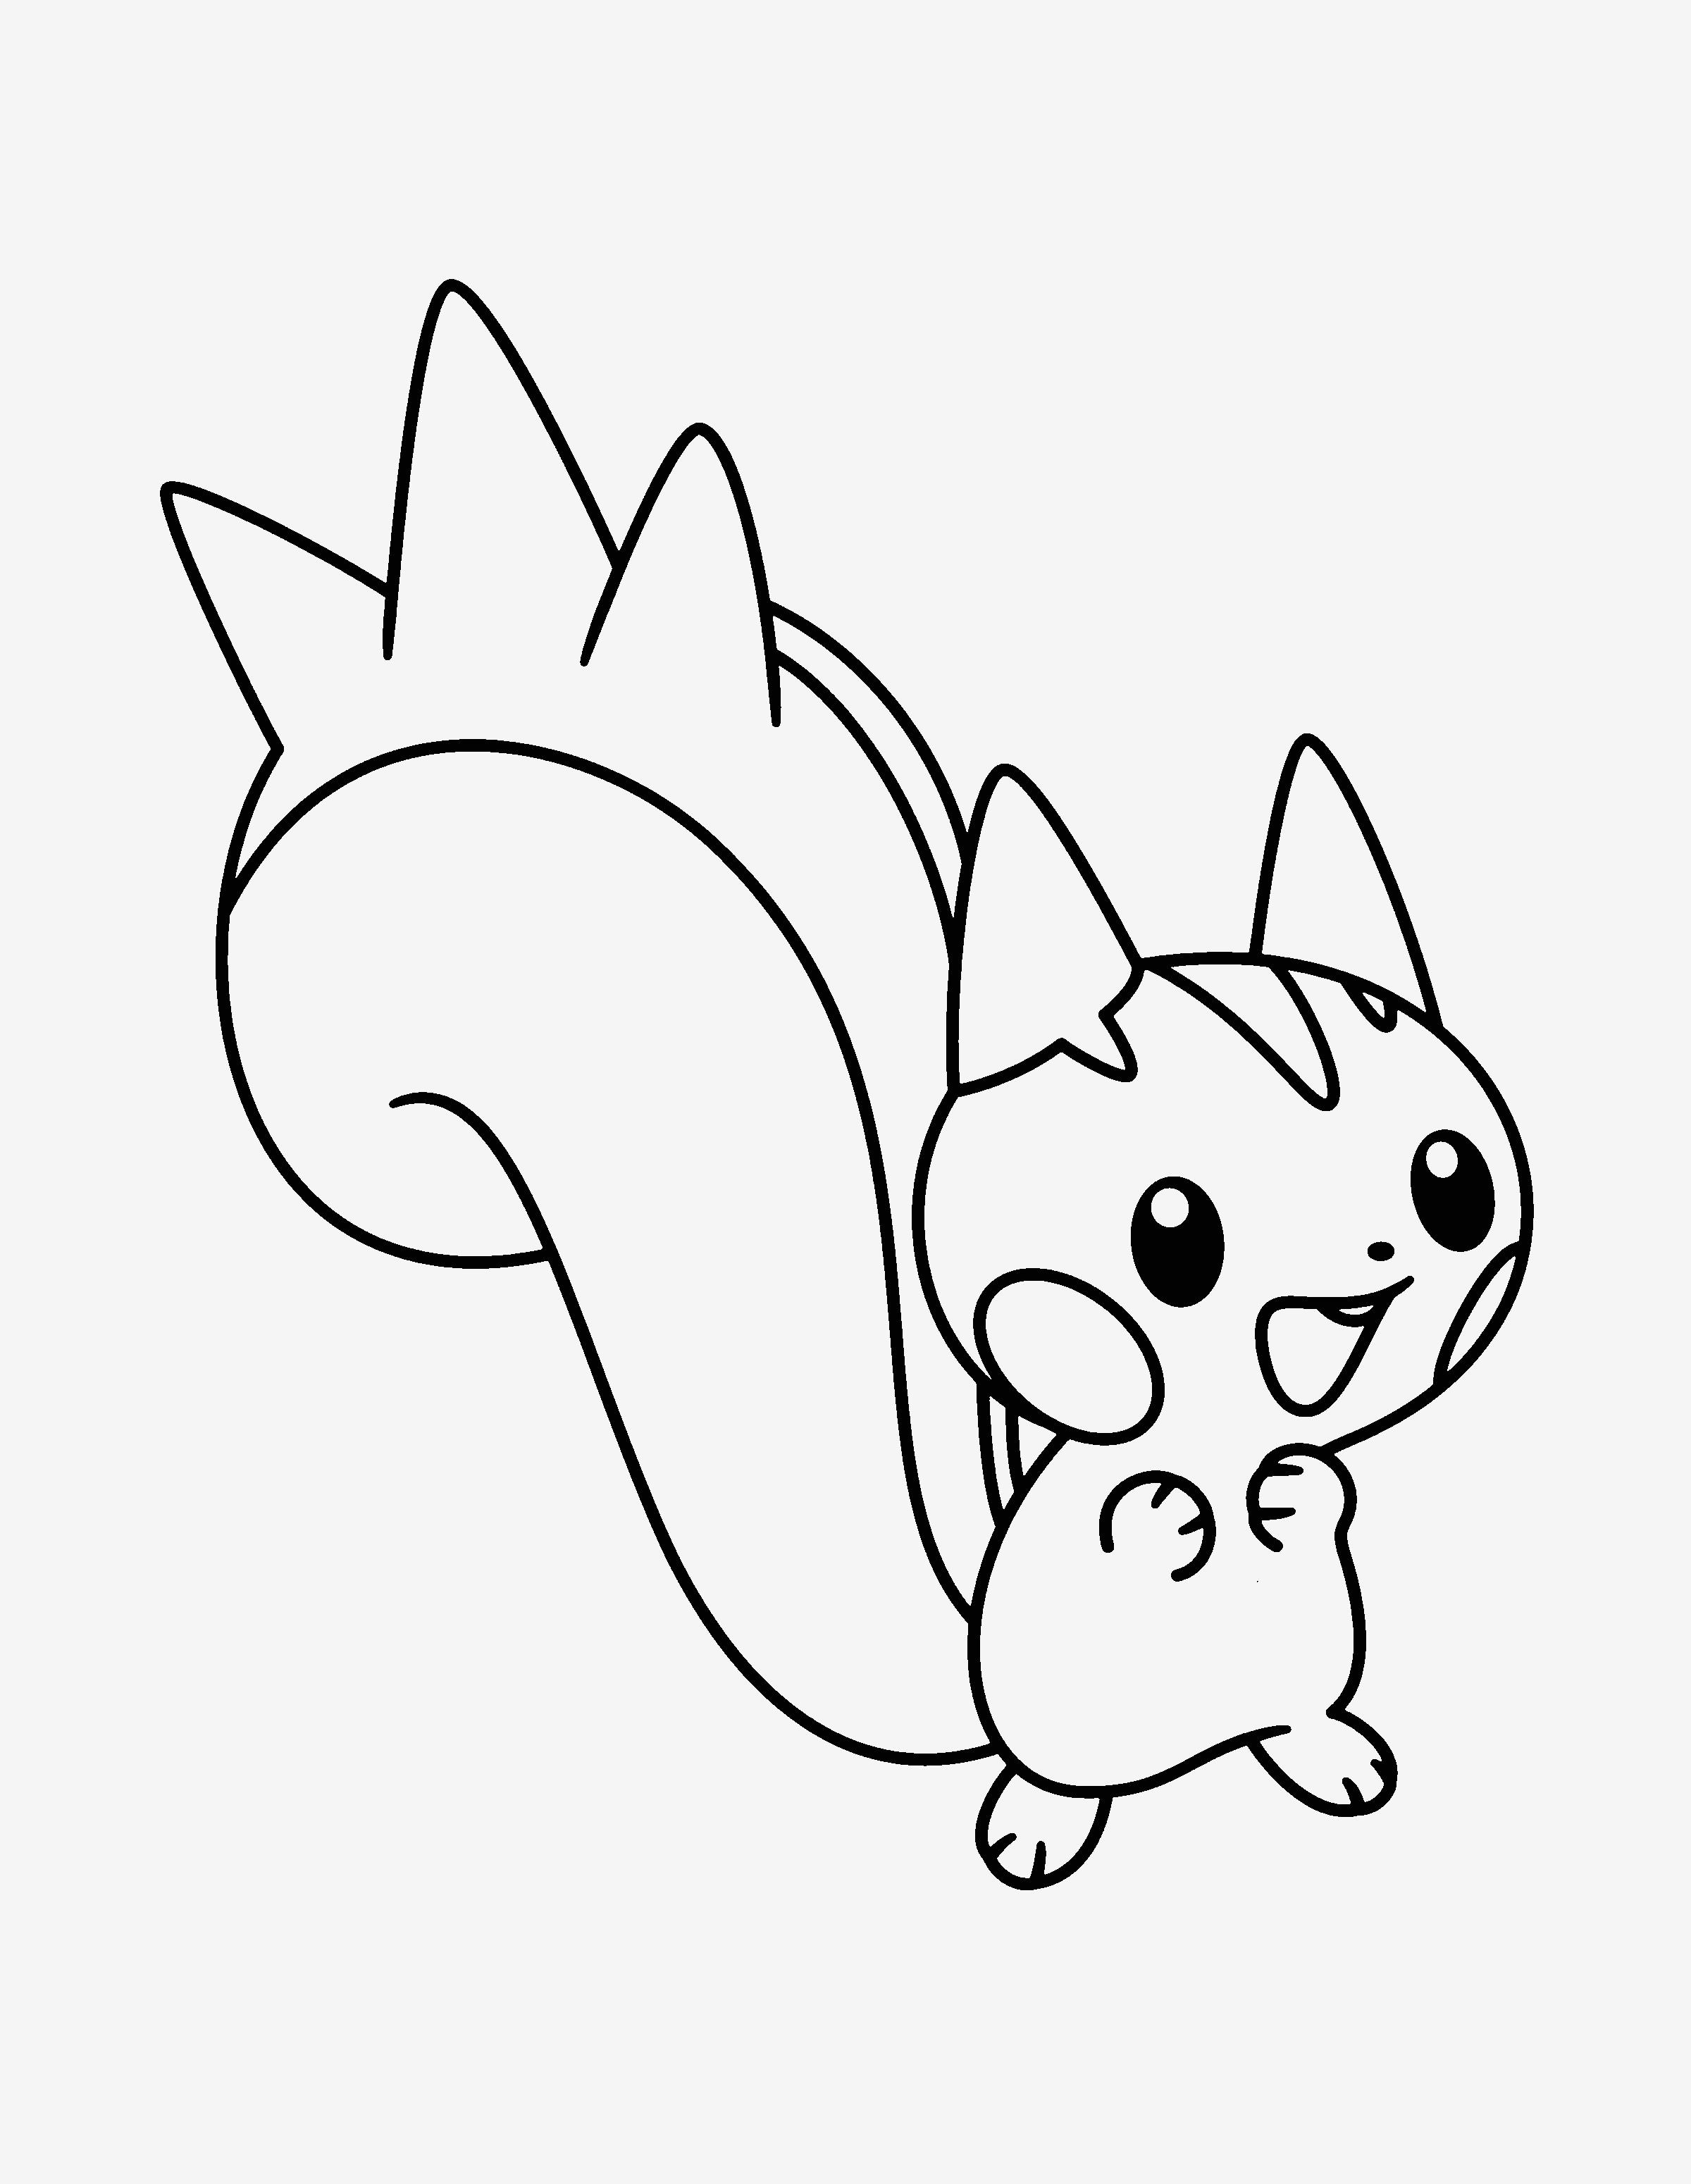 Pokemon Bilder Zum Ausmalen Genial Verschiedene Bilder Färben Pokemon Malvorlagen Sammlung